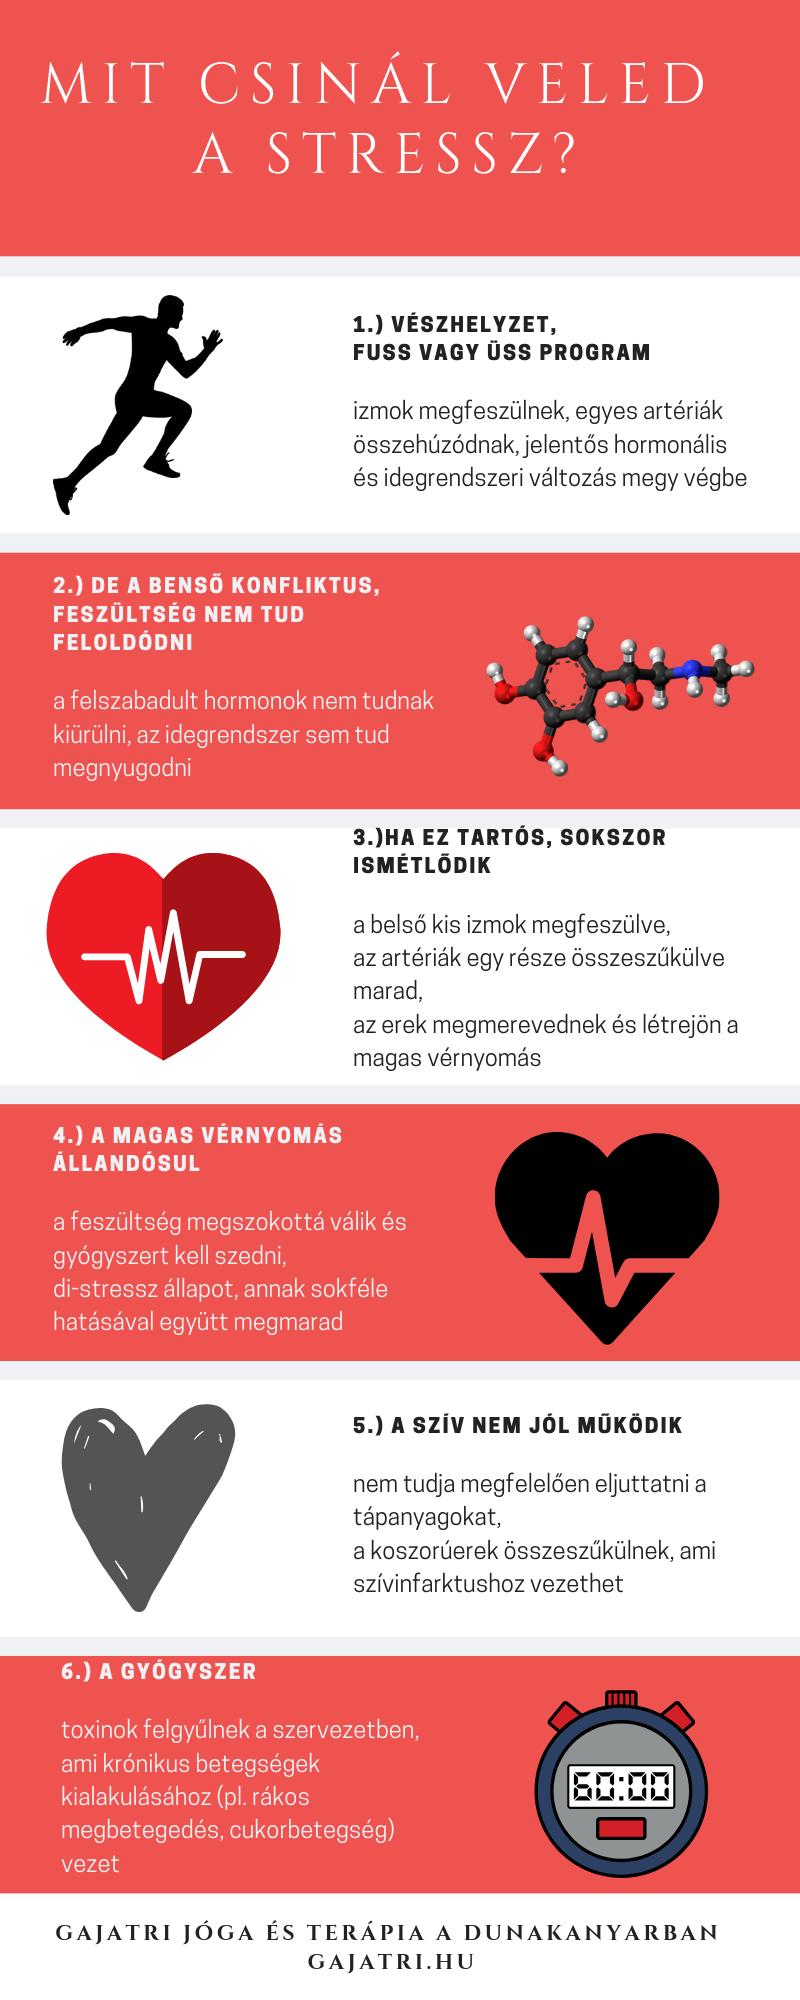 guarana és magas vérnyomás